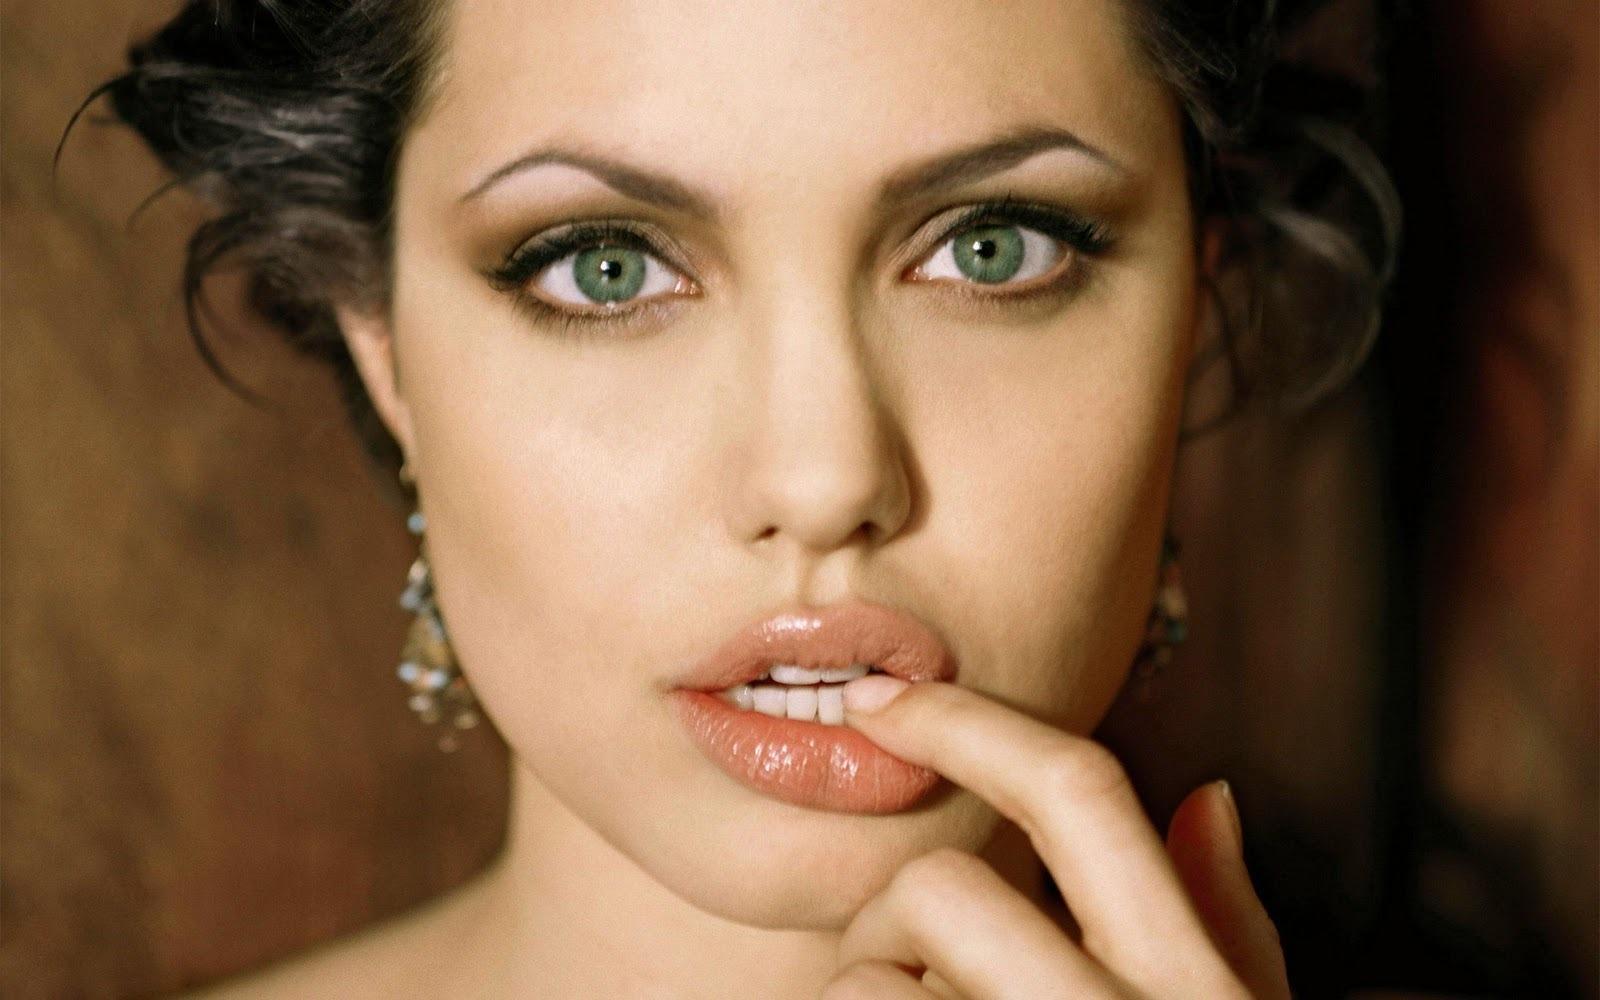 Dando Volume aos Lábios – Lábios Mais Grossos Usando Maquiagem